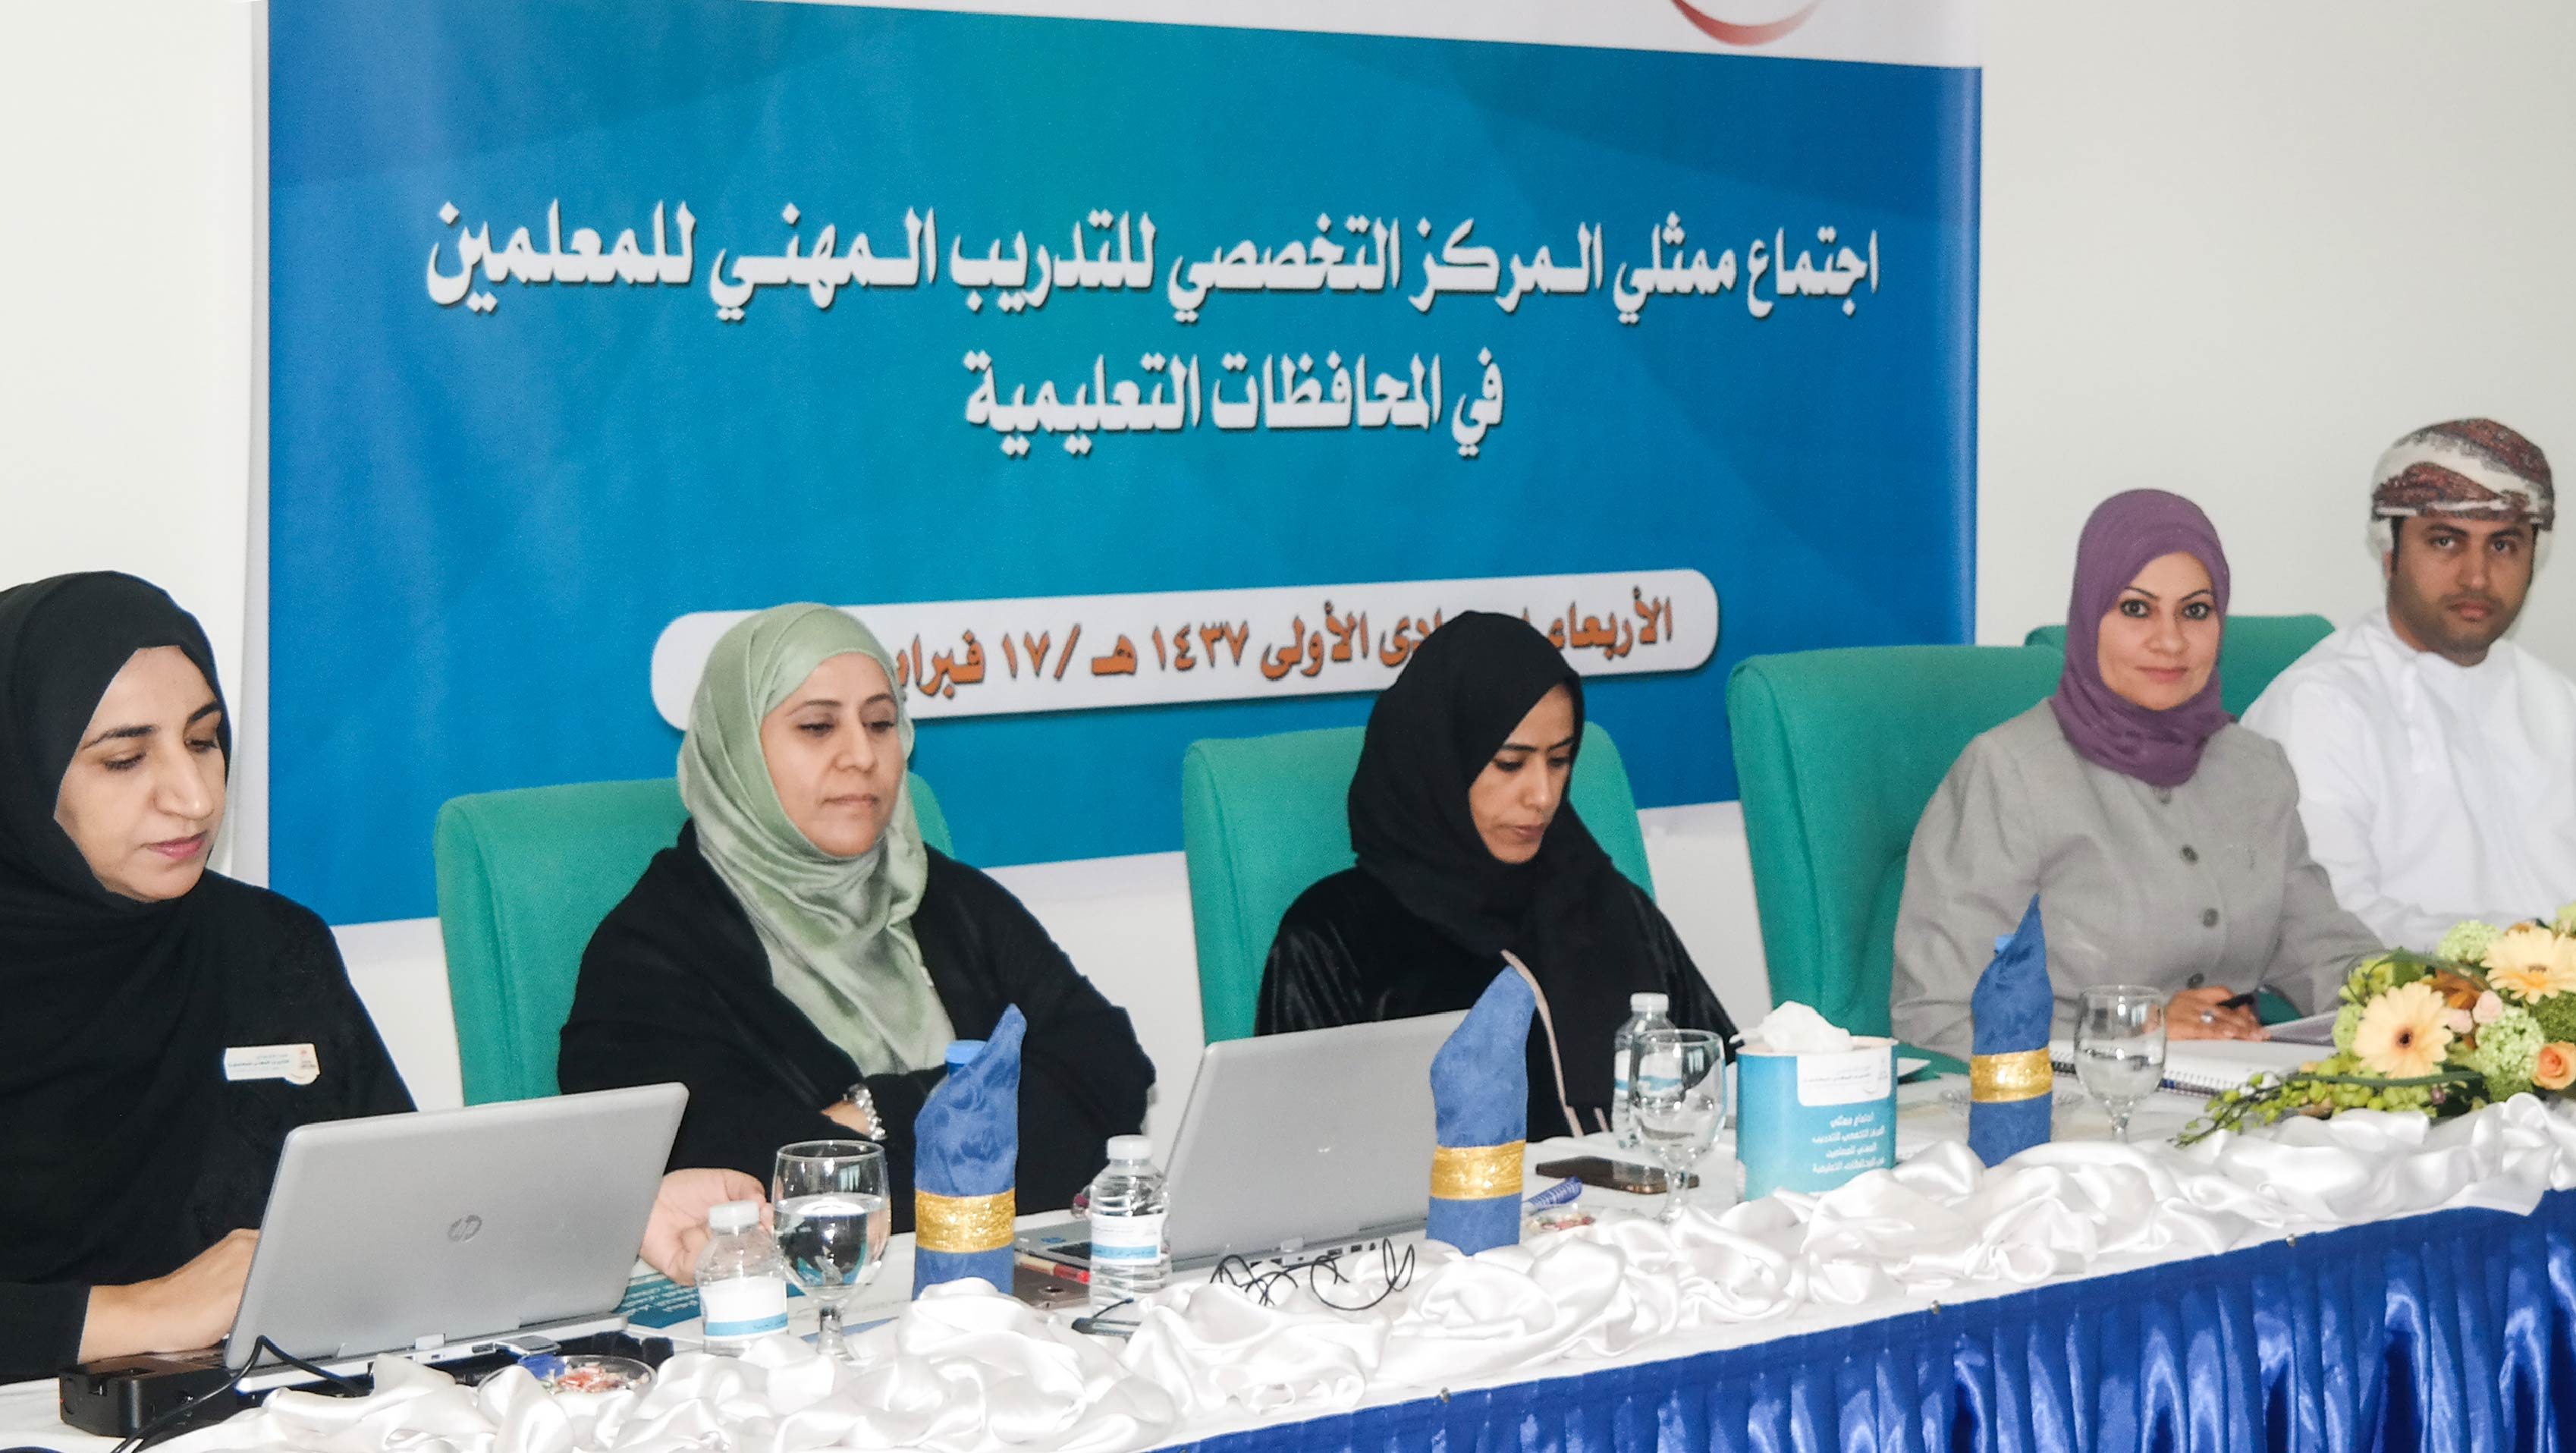 الاجتماع الأول لممثلي المركز  التخصصي للتدريب المهني  للمعلمين .